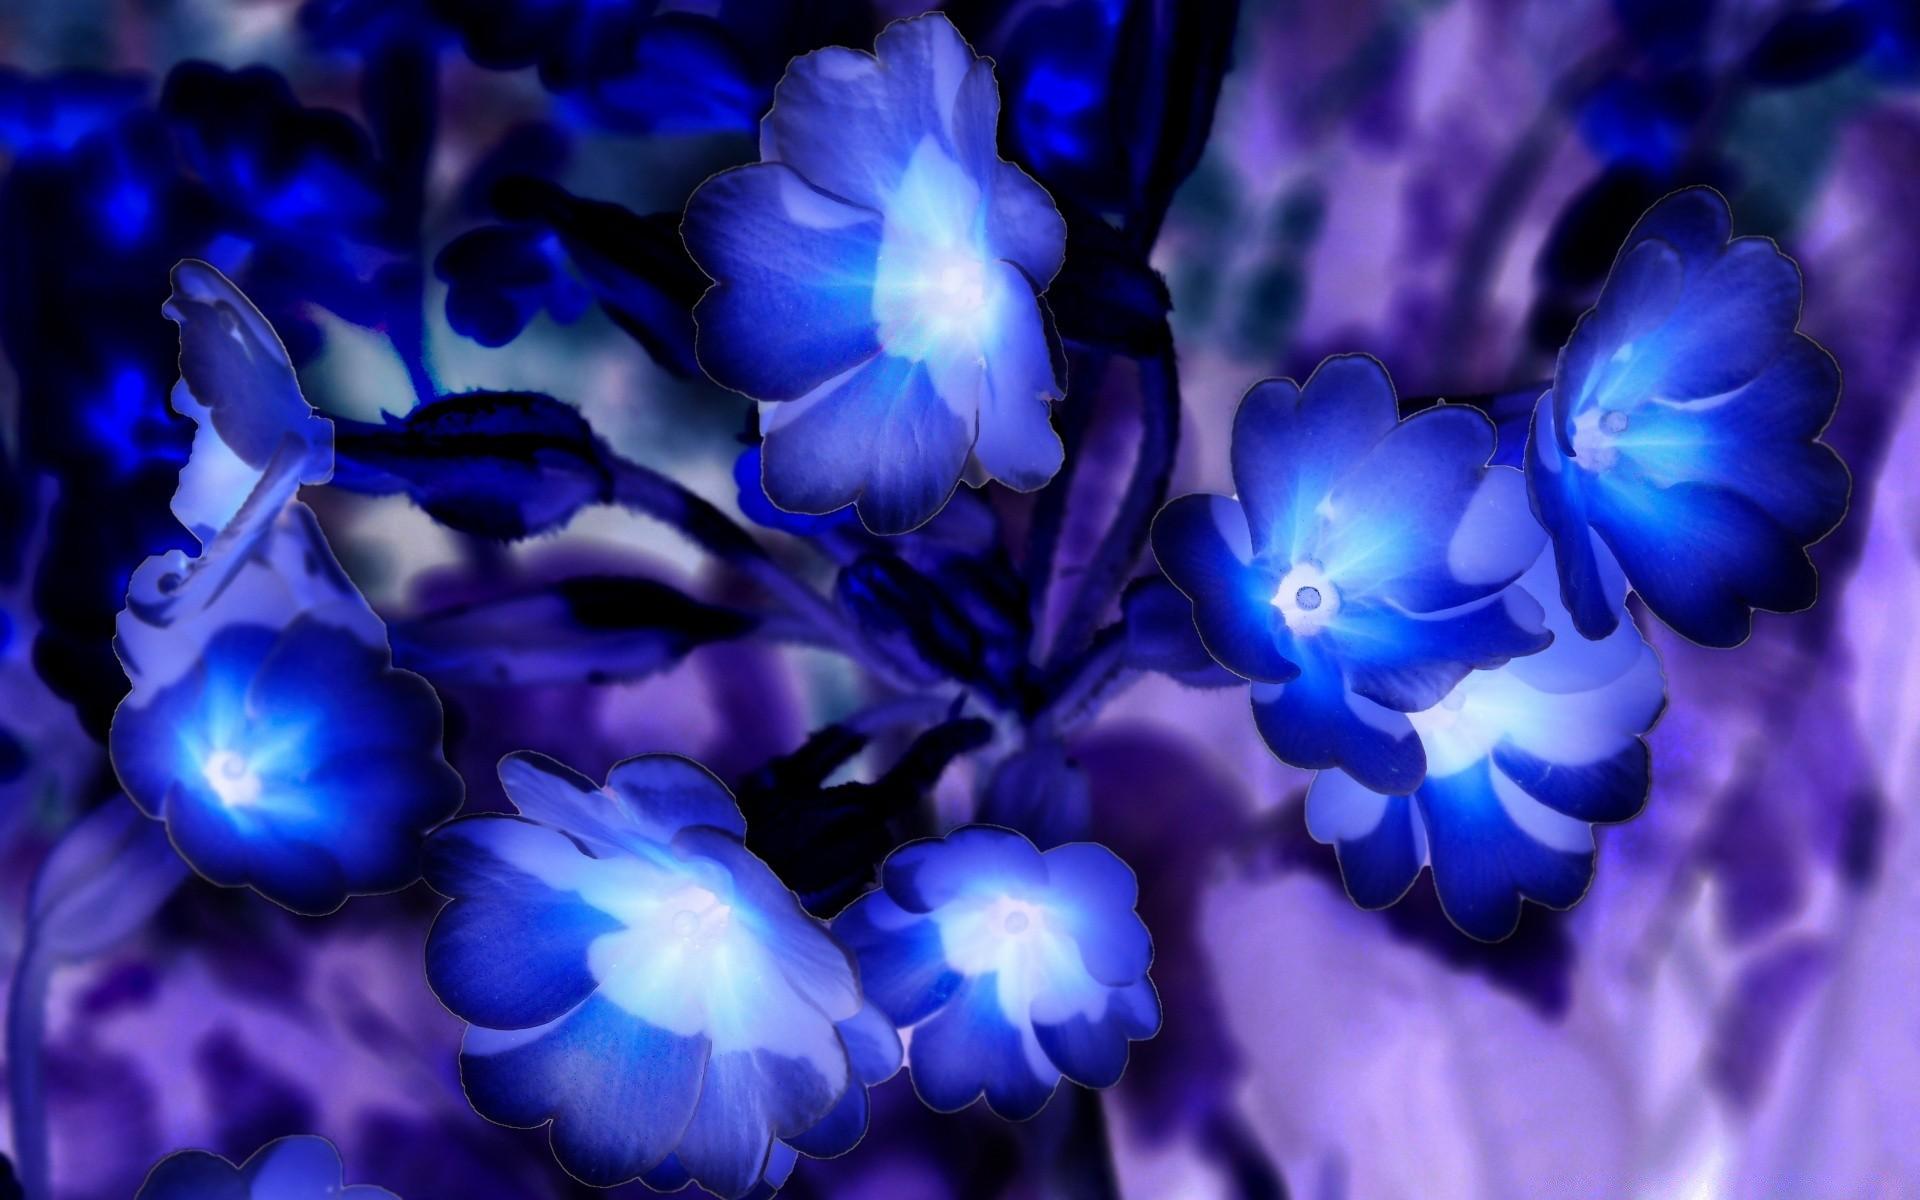 Купить живые голубые цветы, цветов украине житомирская